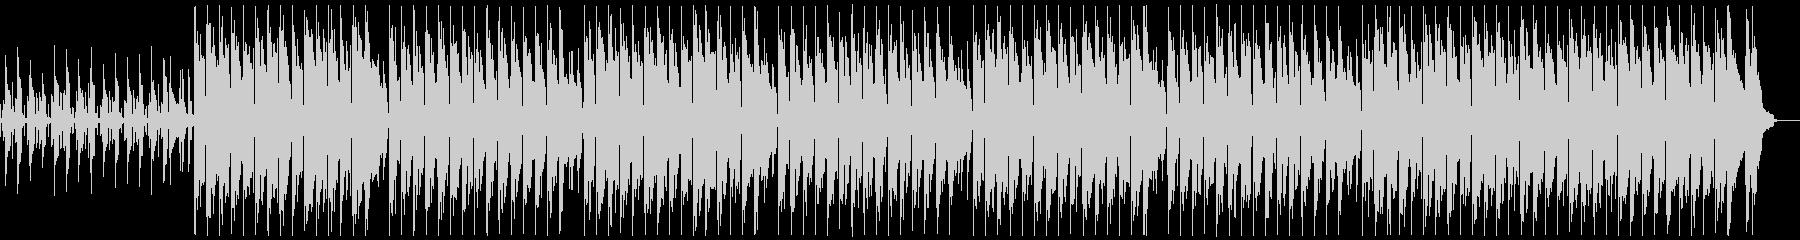 ハッピーなウクレレBGM ループ無の未再生の波形